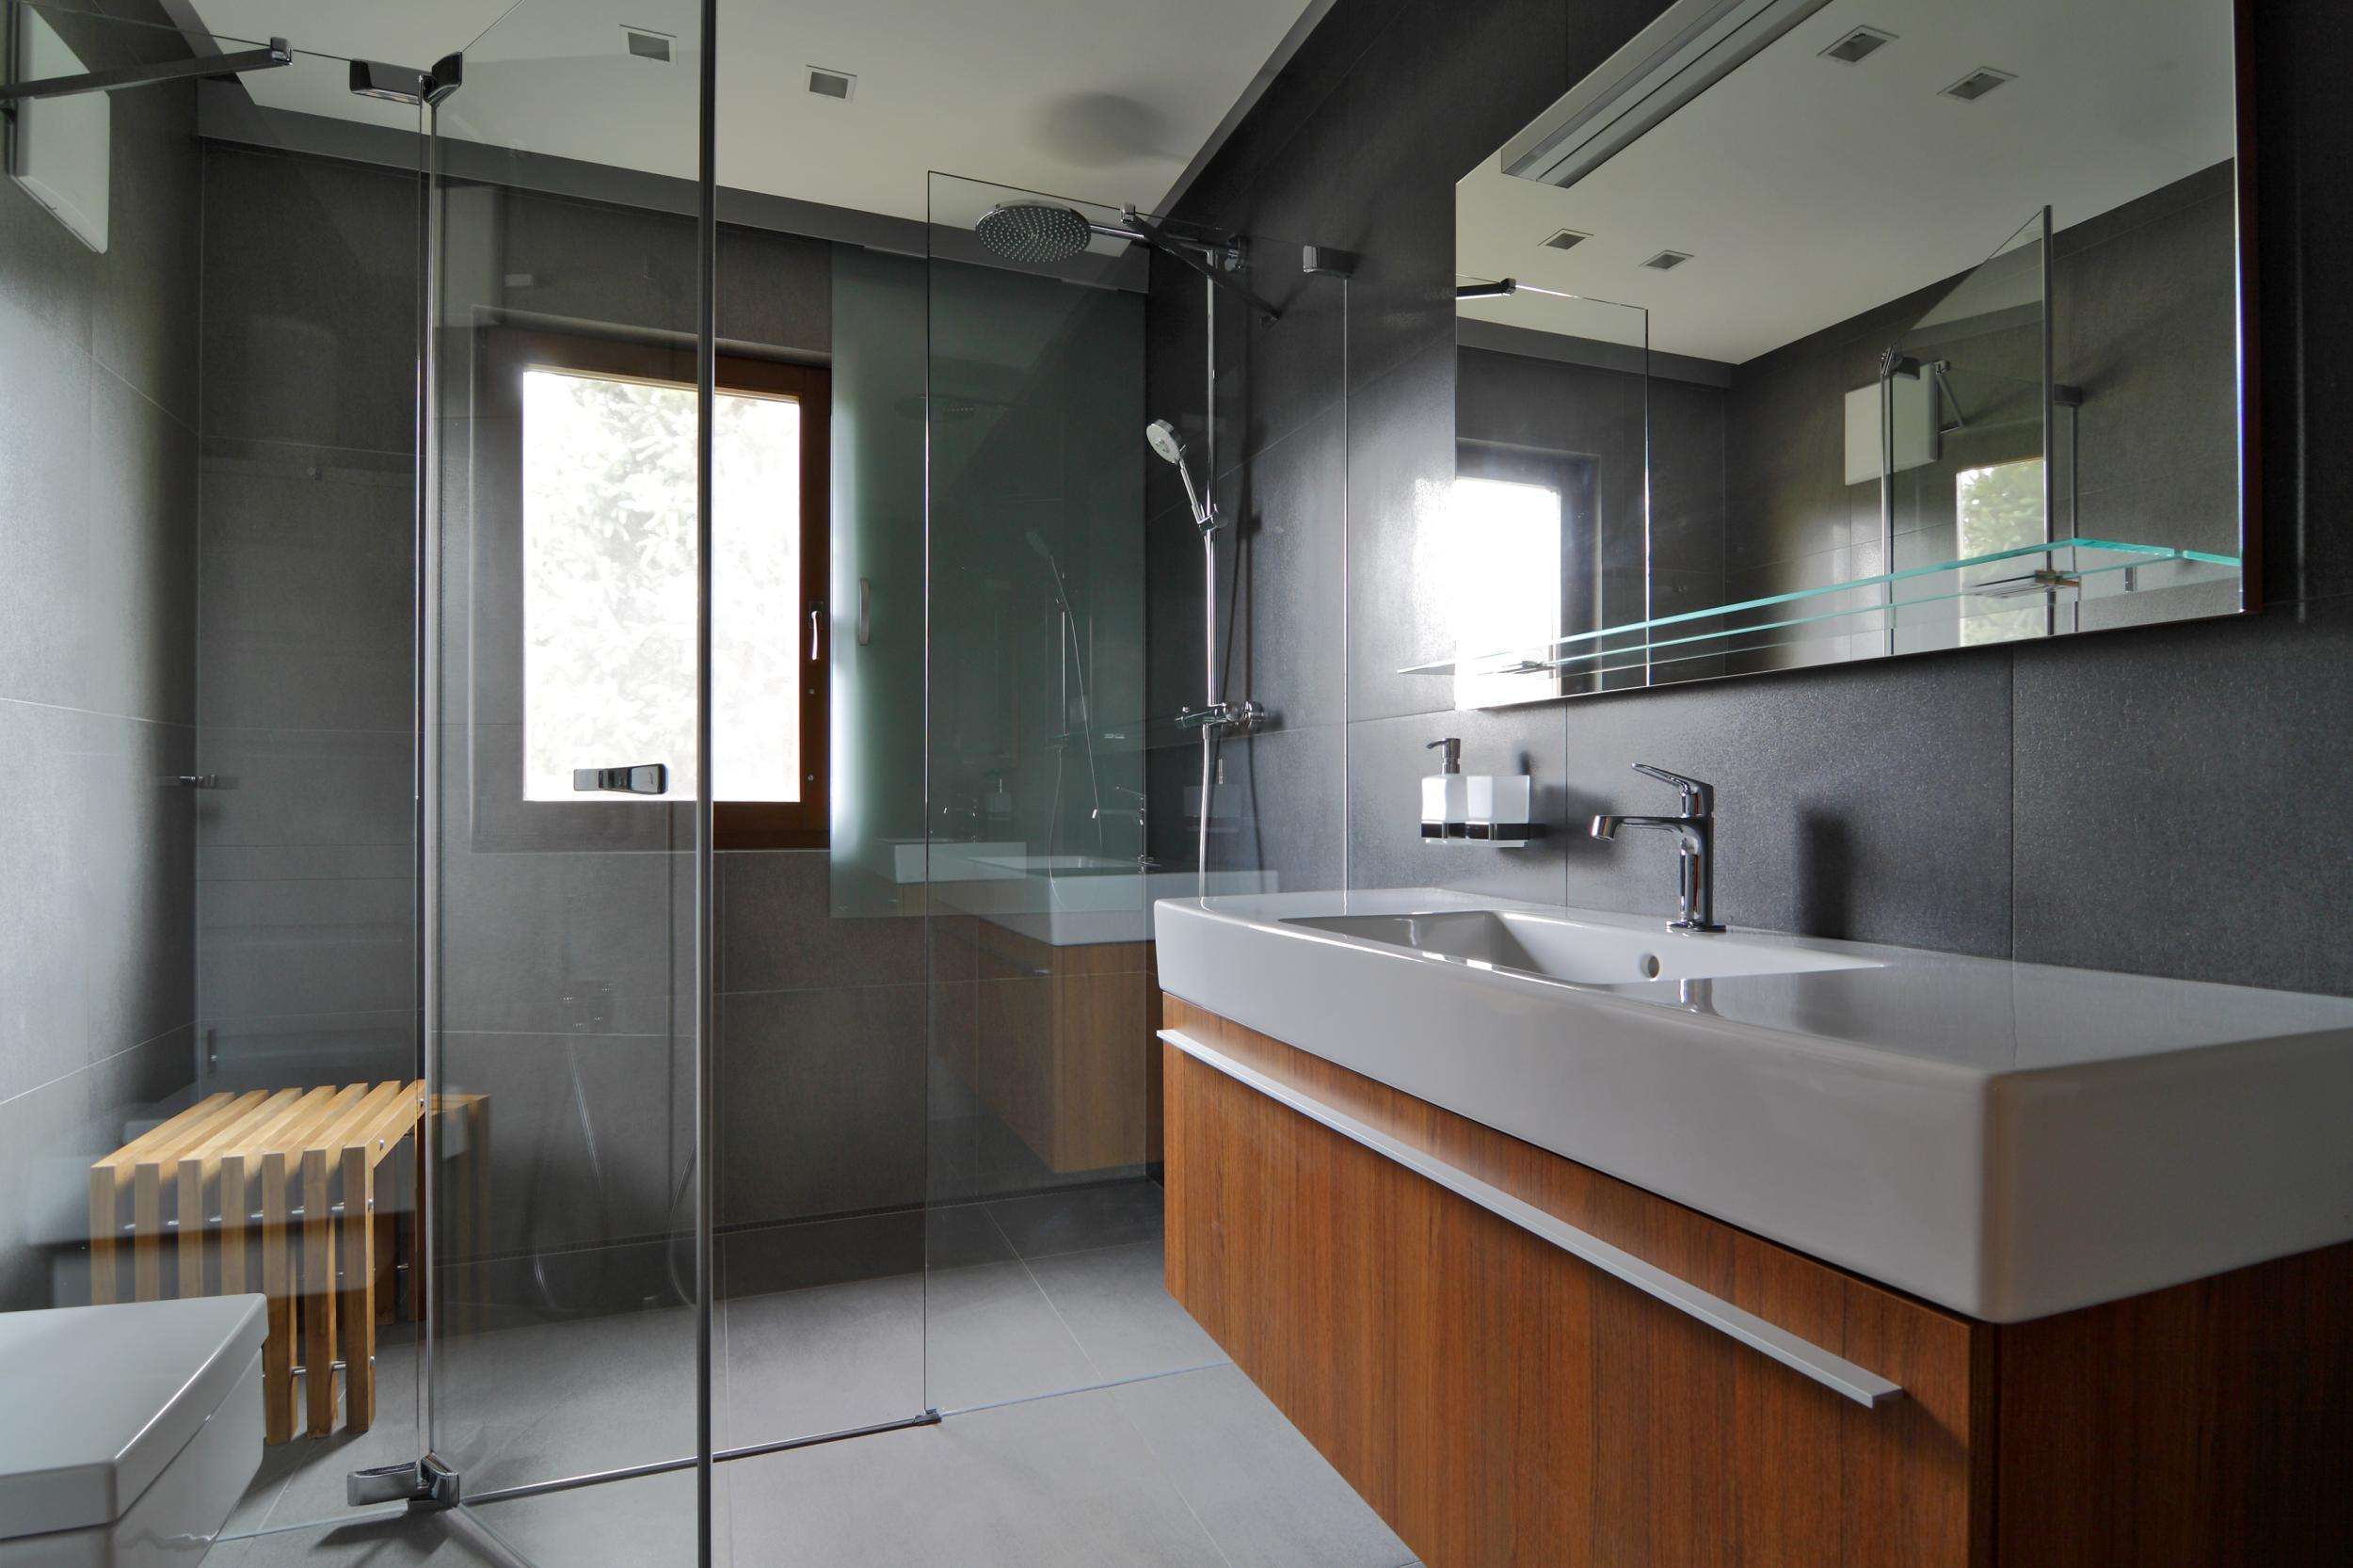 barrierefreies badezimmer, wolfsthal, Österreich | rules architekten